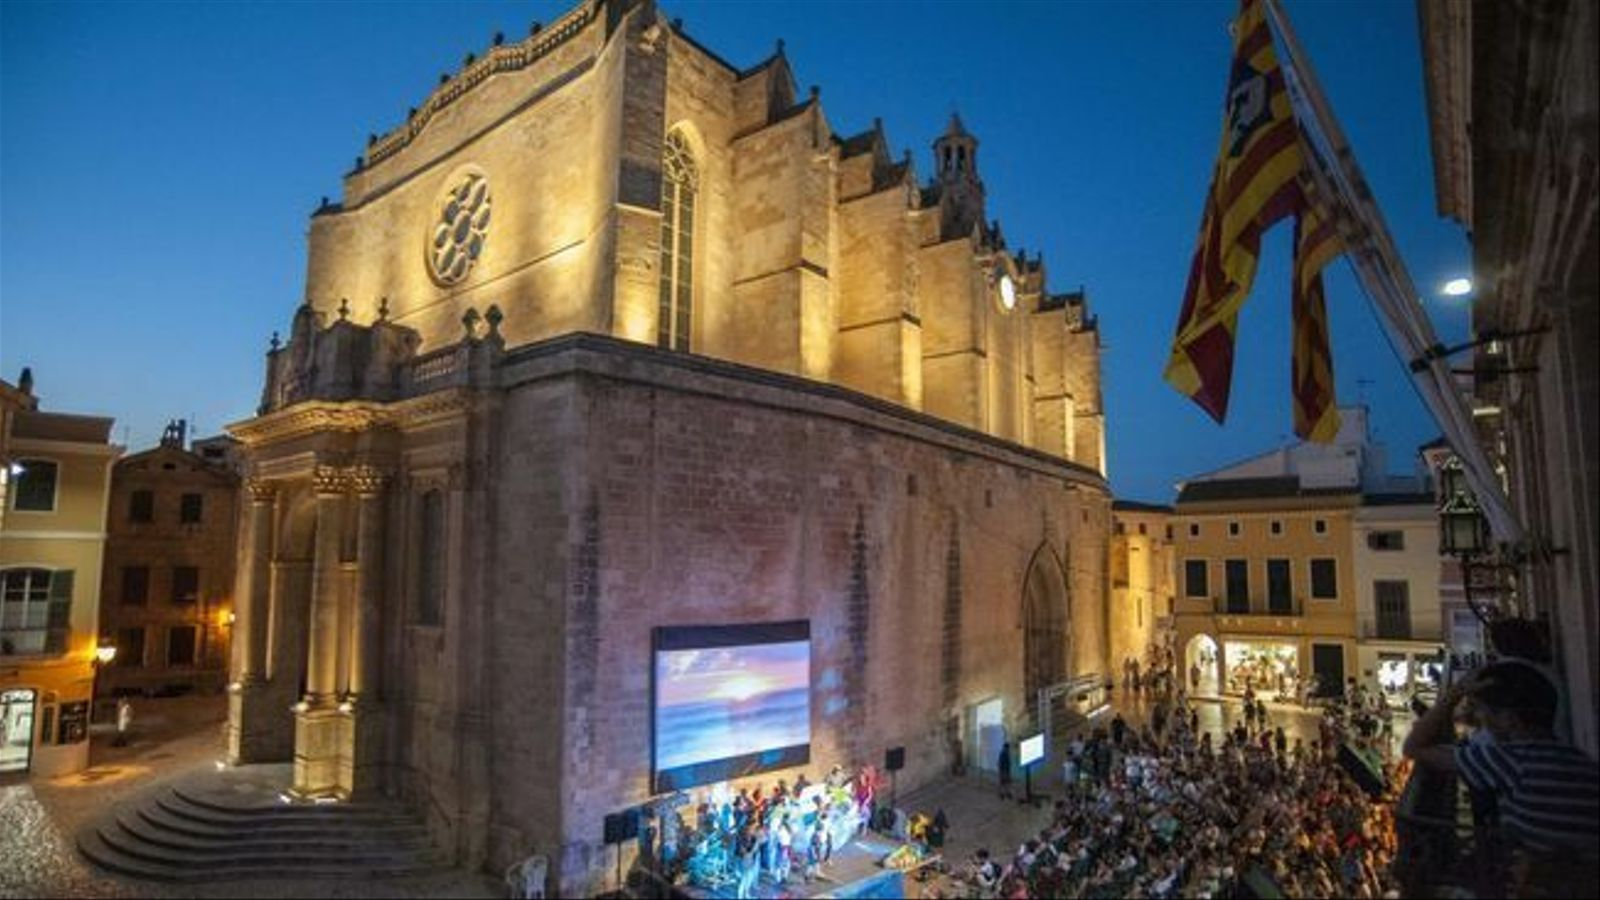 La plaça de la Catedral de Ciutadella tornarà a convertir-se en un cinema a la fresca.